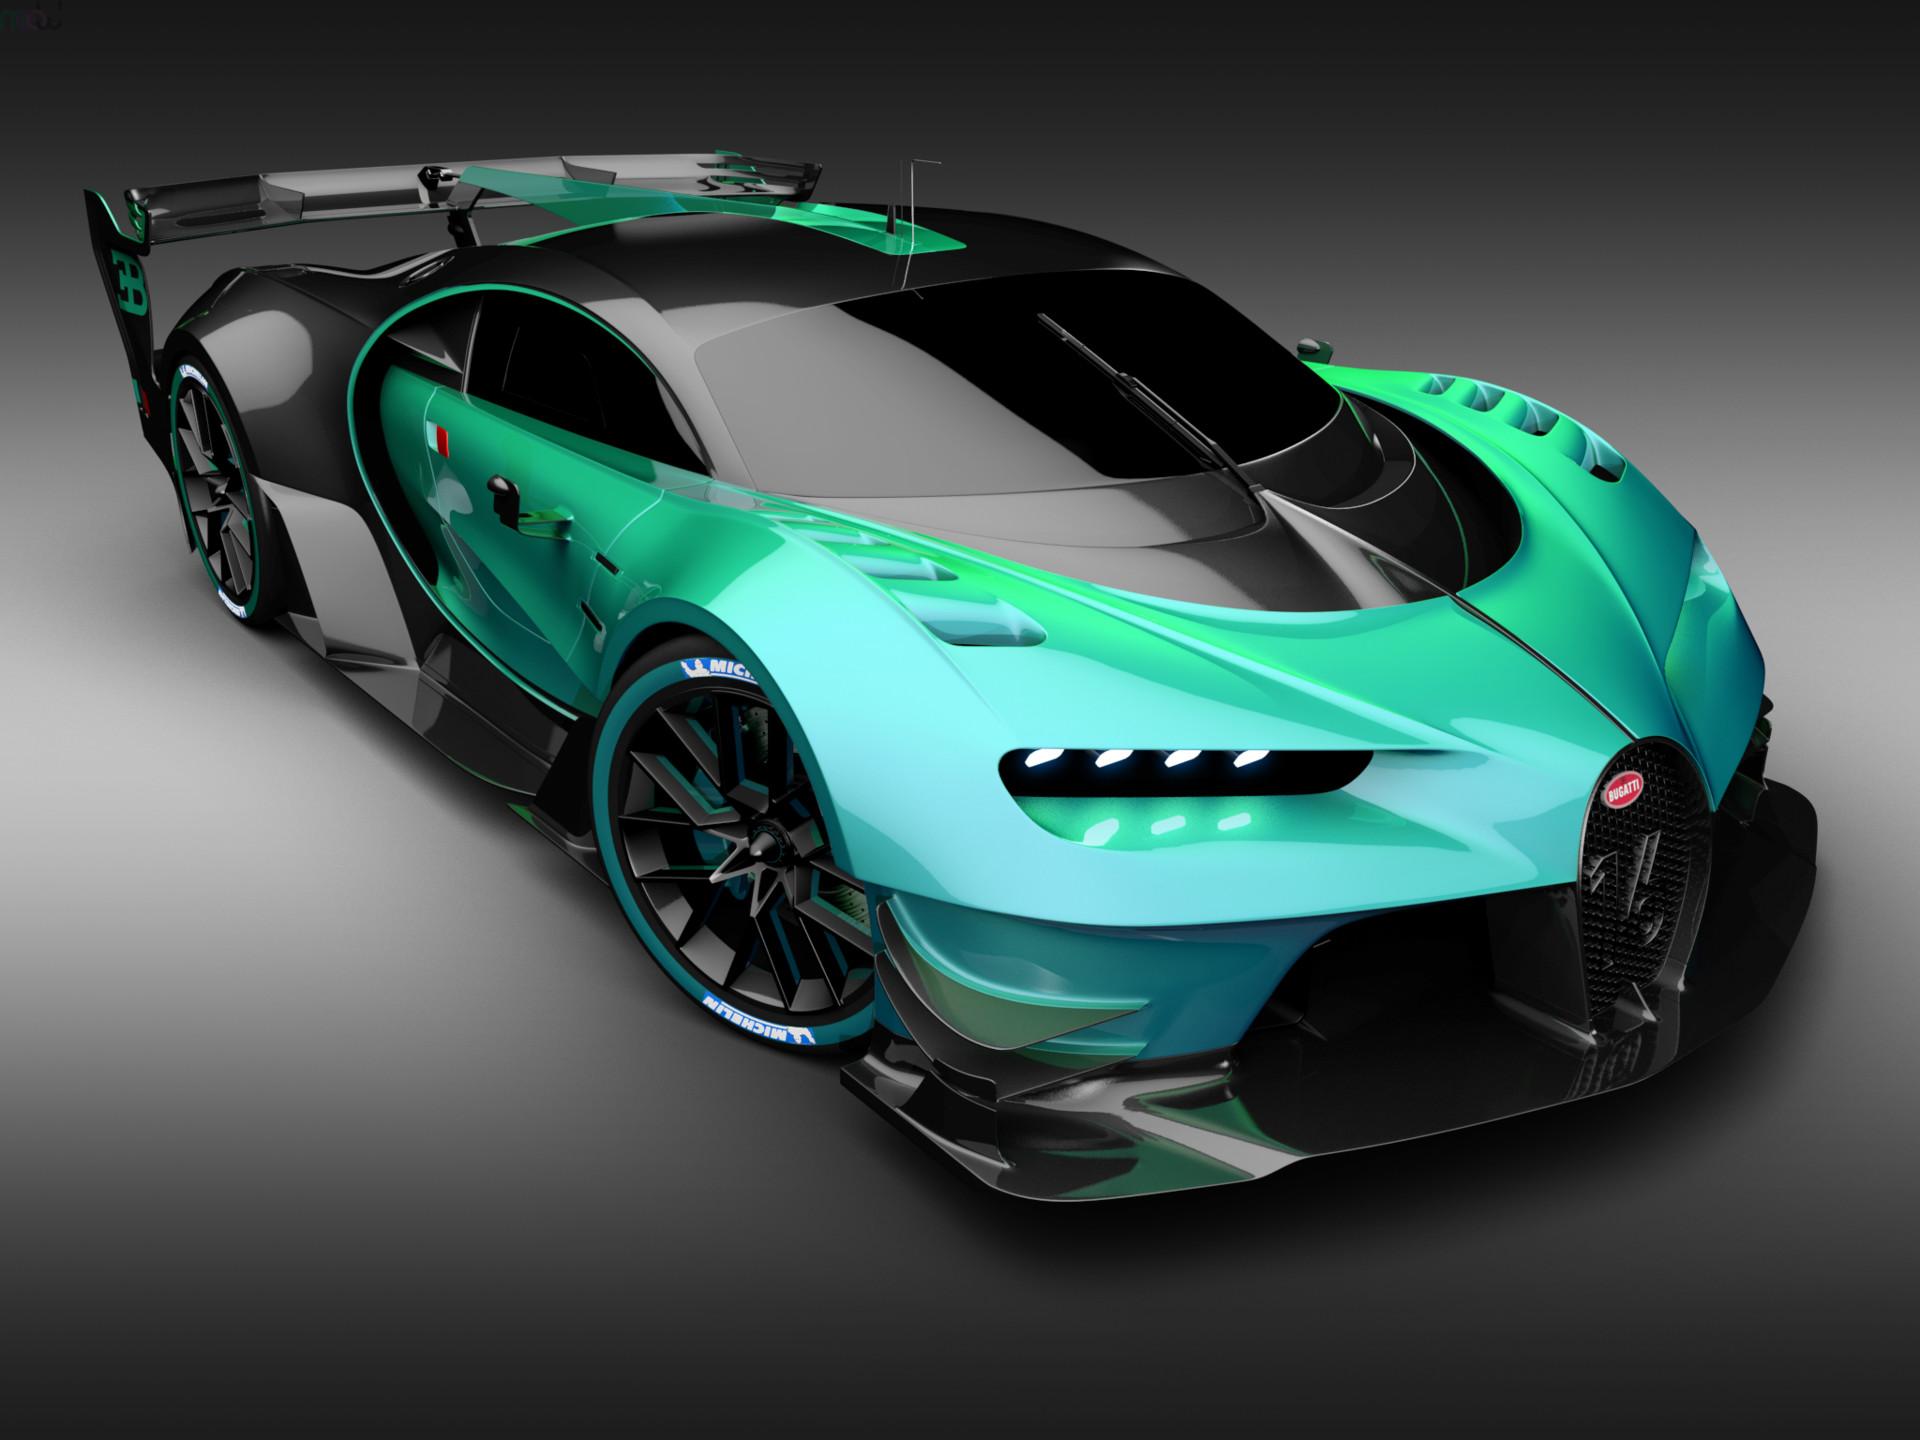 Bugatti Vision Gt >> Artstation Bugatti Vision Gt Kot Kotov